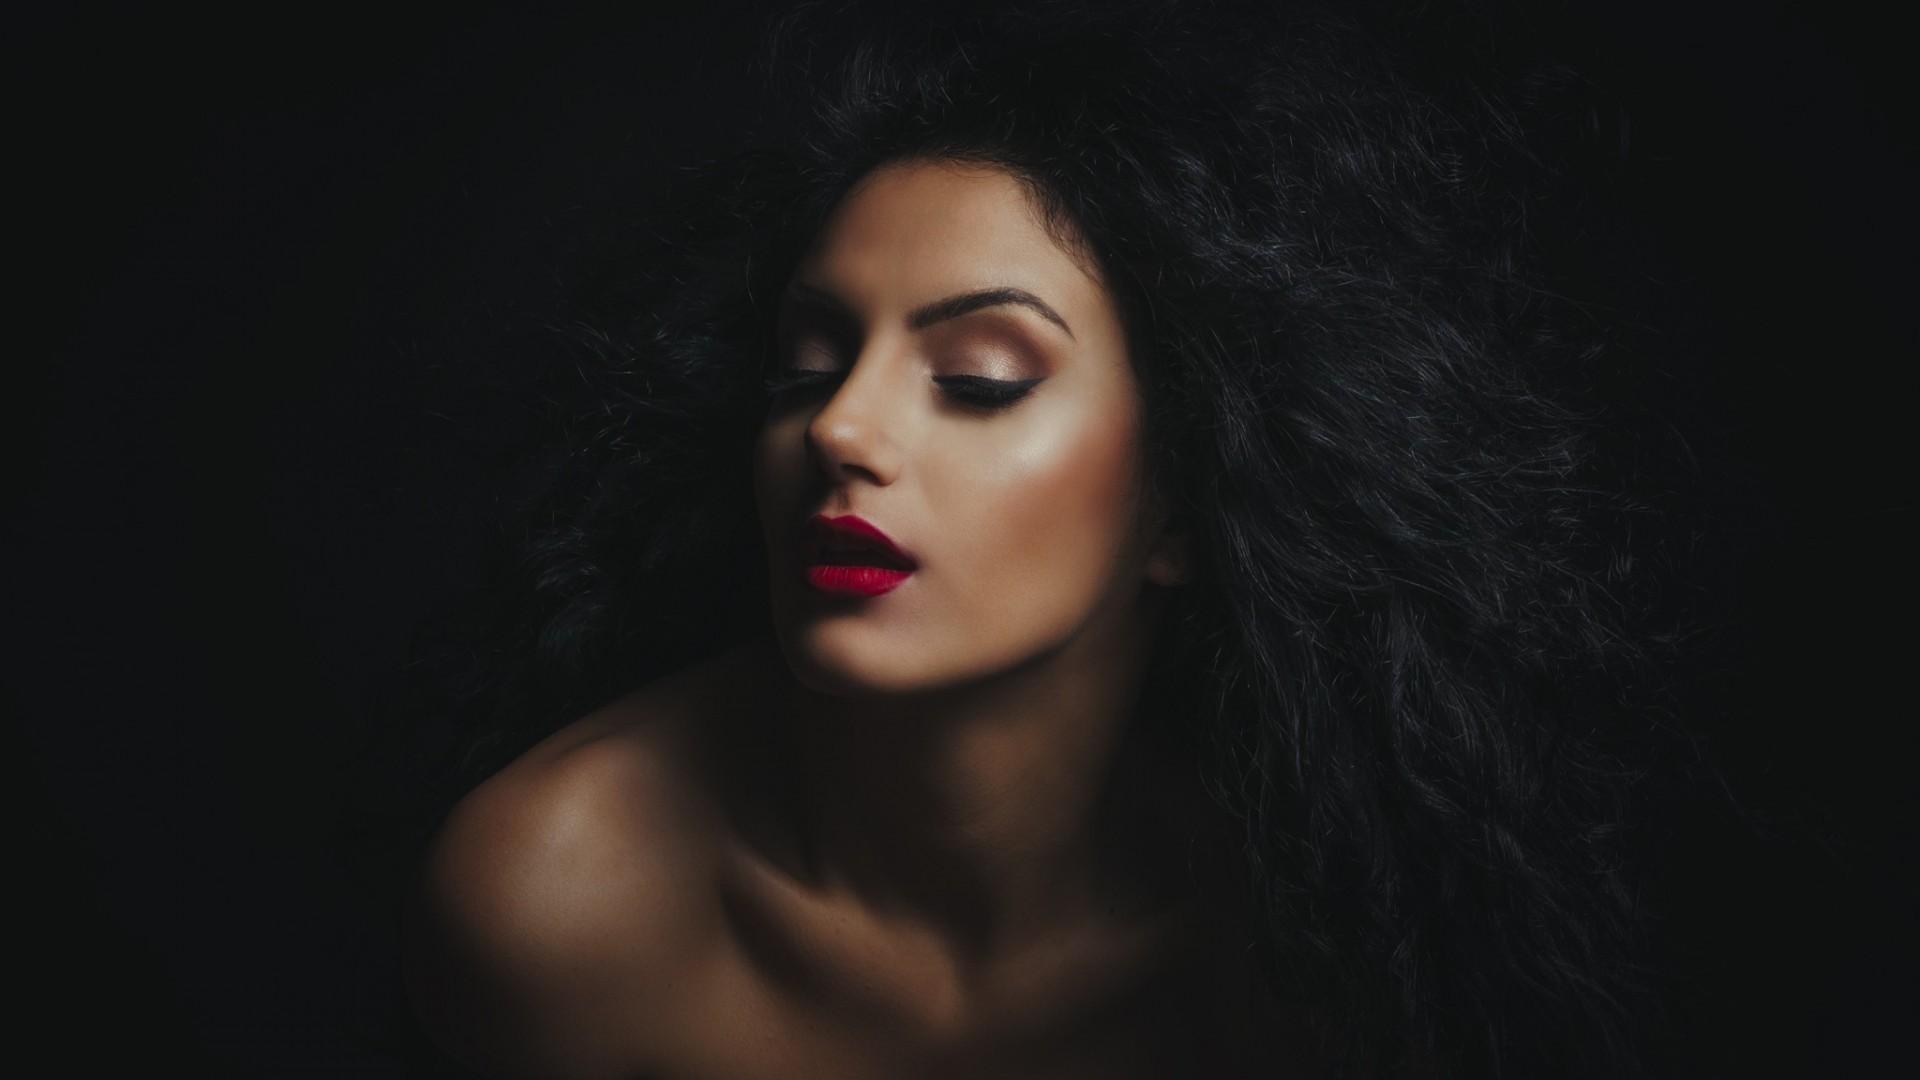 Wallpaper Face Women Model Black Background Looking